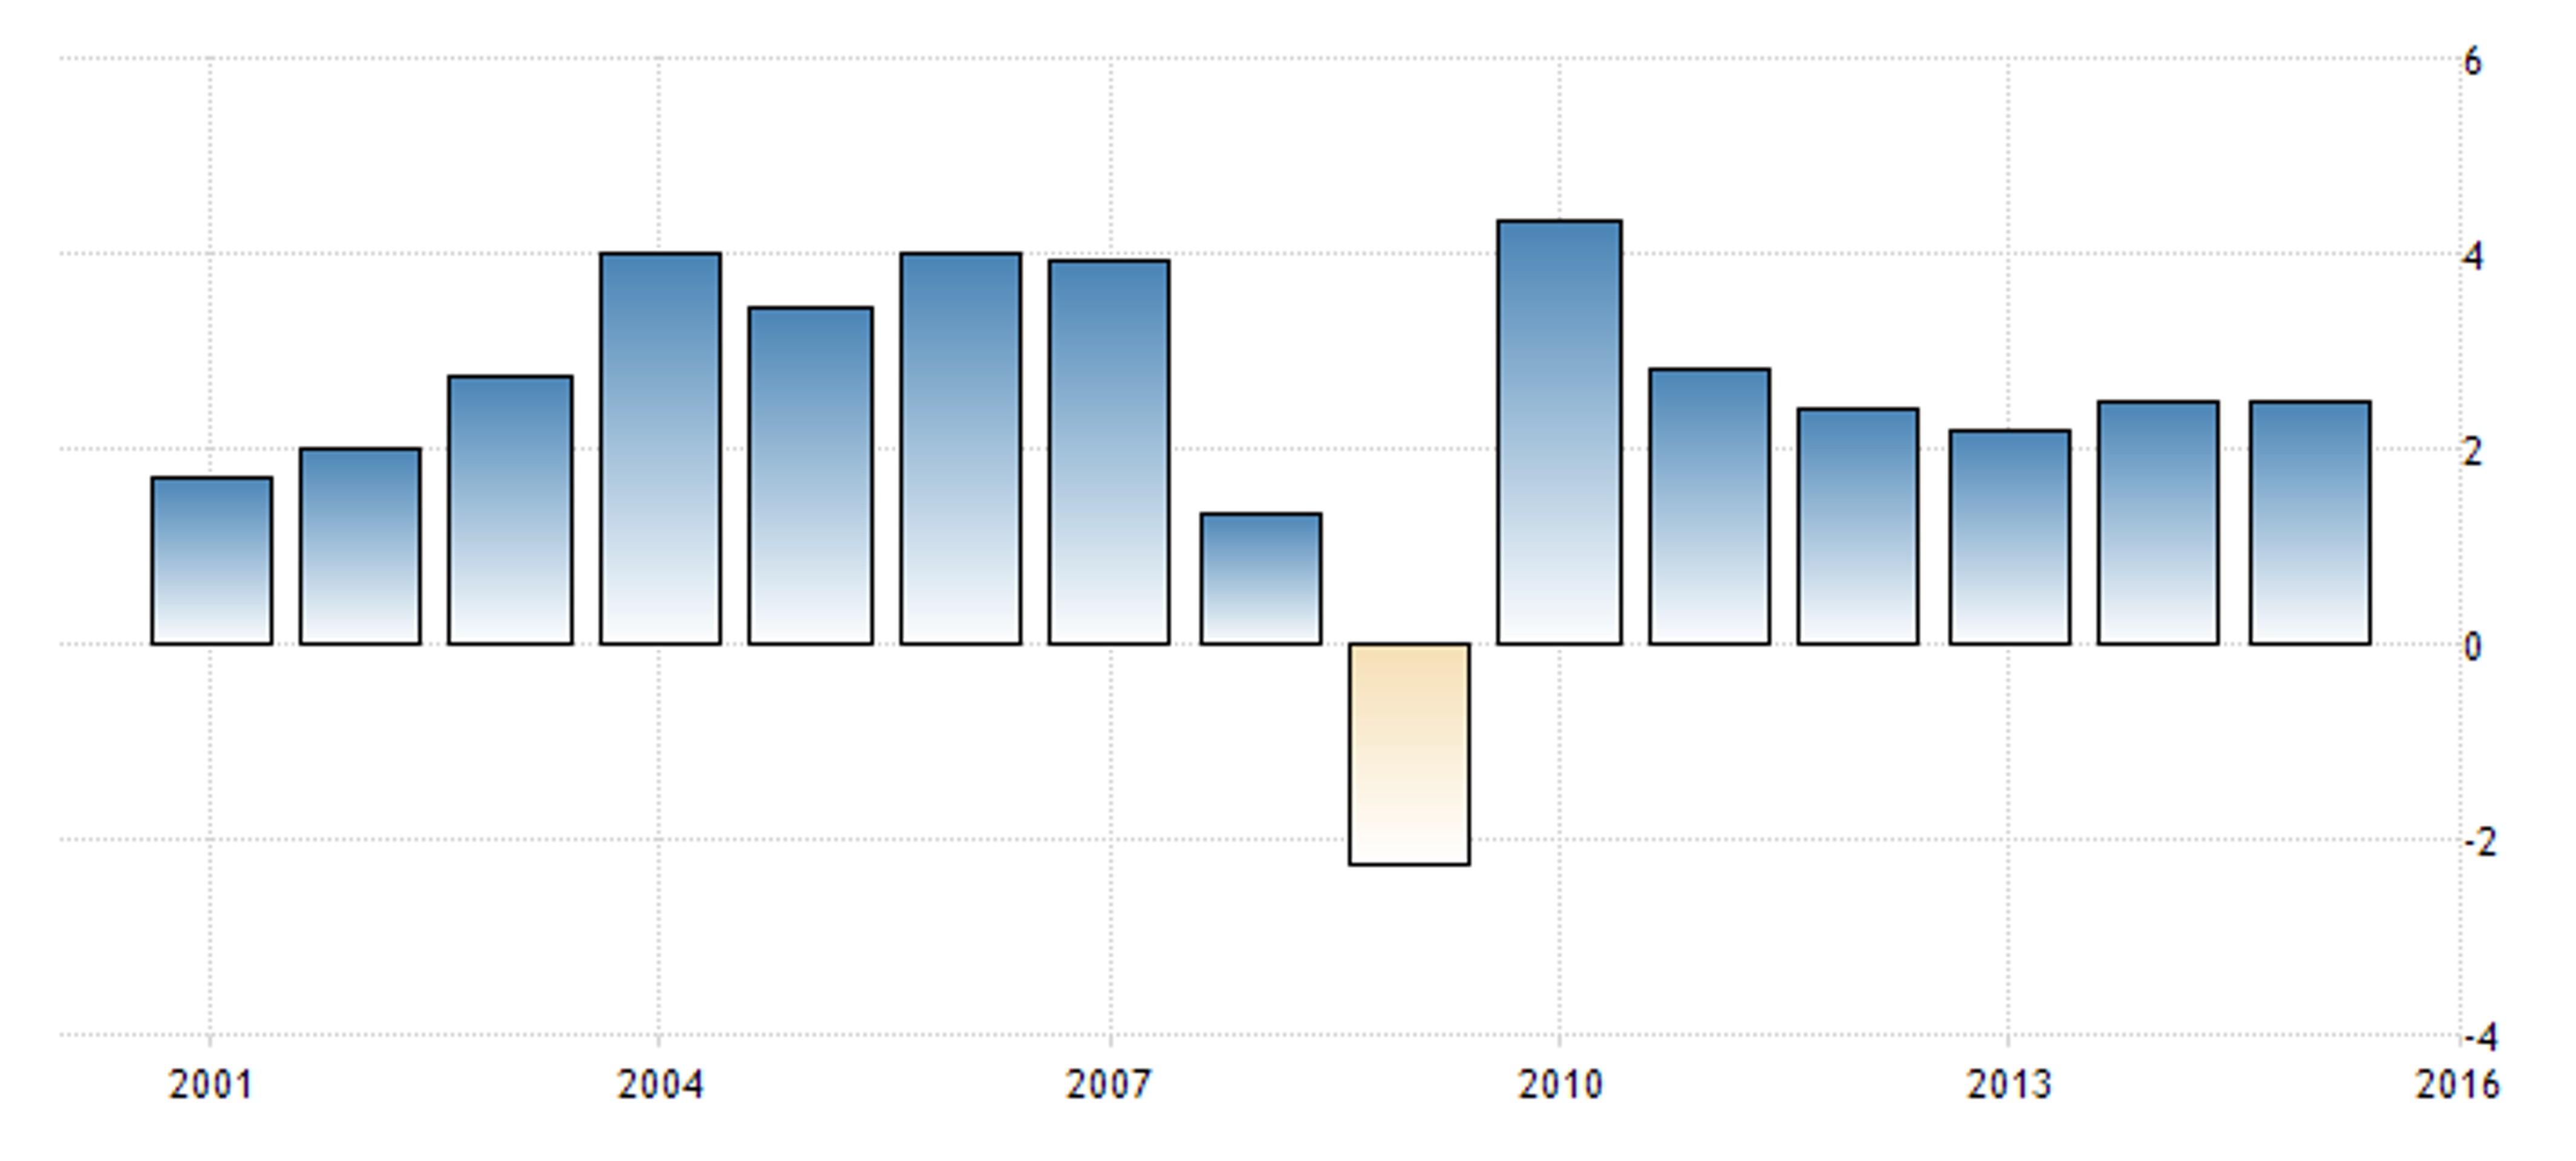 Удастся ли избежать новой глобальной рецессии?